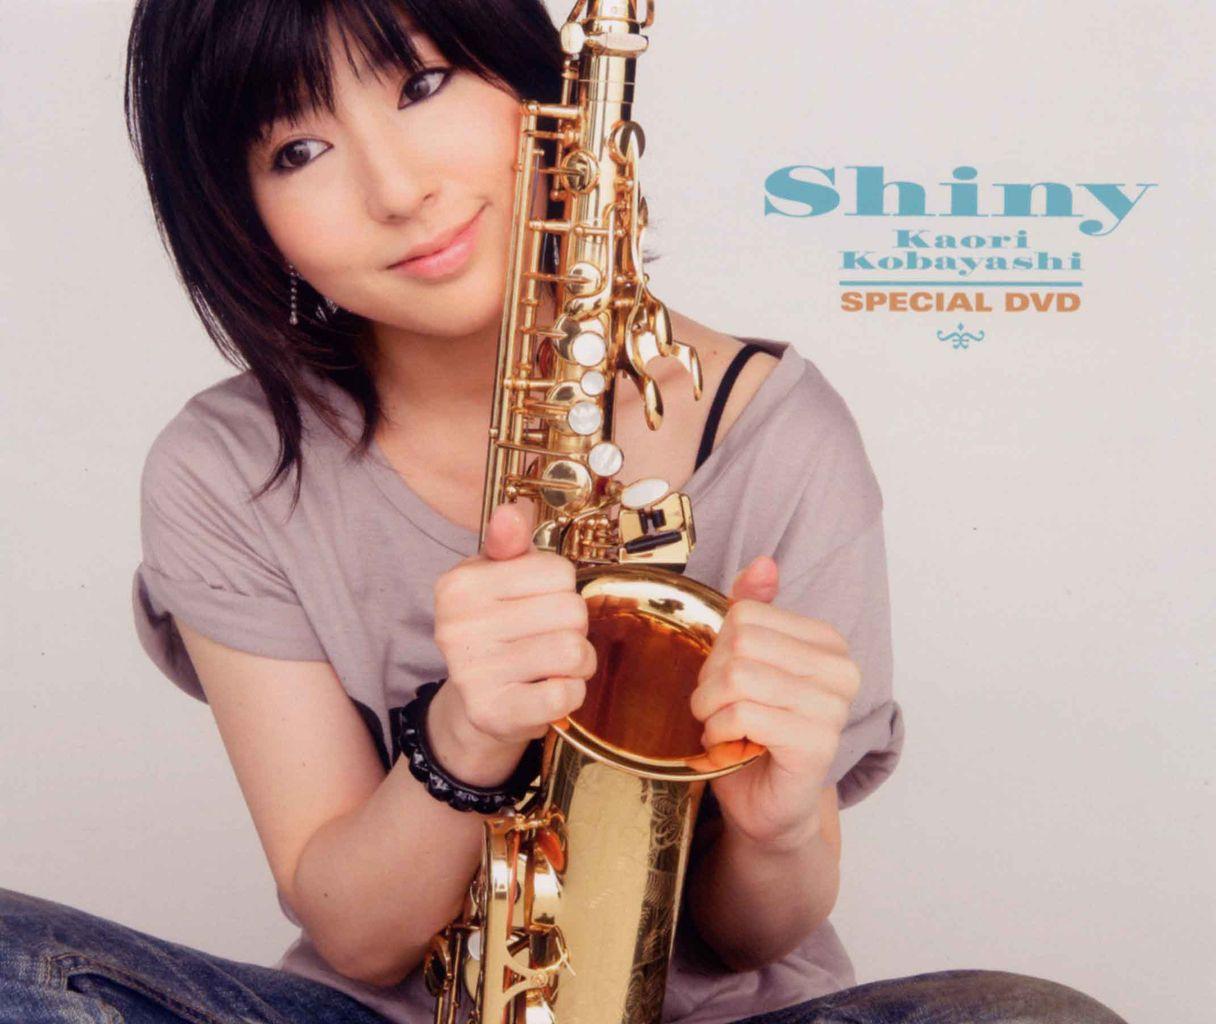 SHINY-3